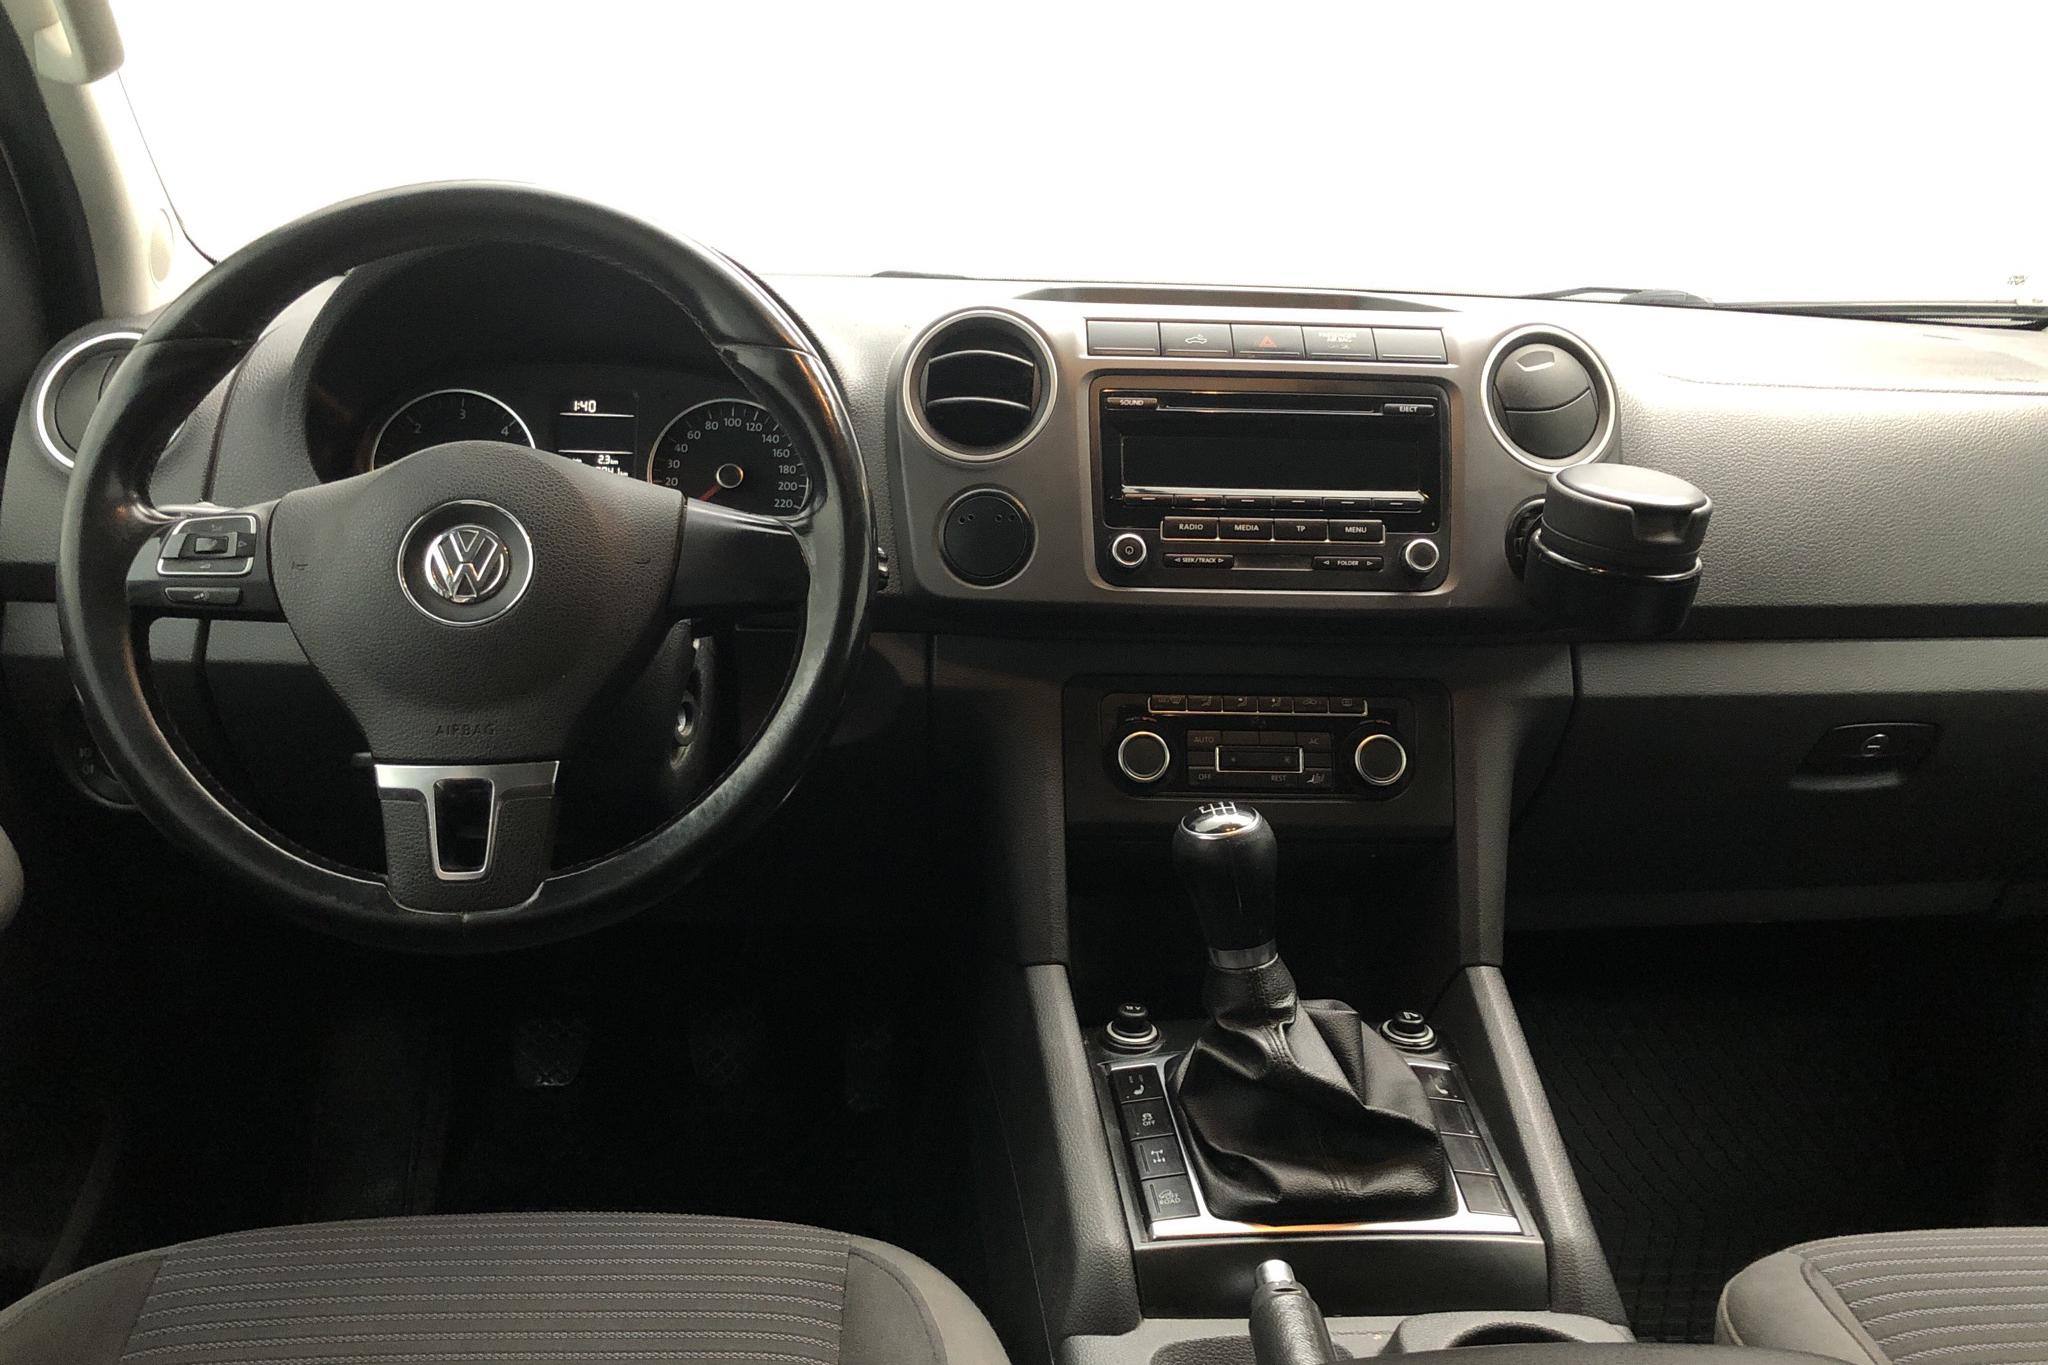 VW Amarok 2.0 TDI 4motion (163hk) - 219 840 km - Manual - white - 2012